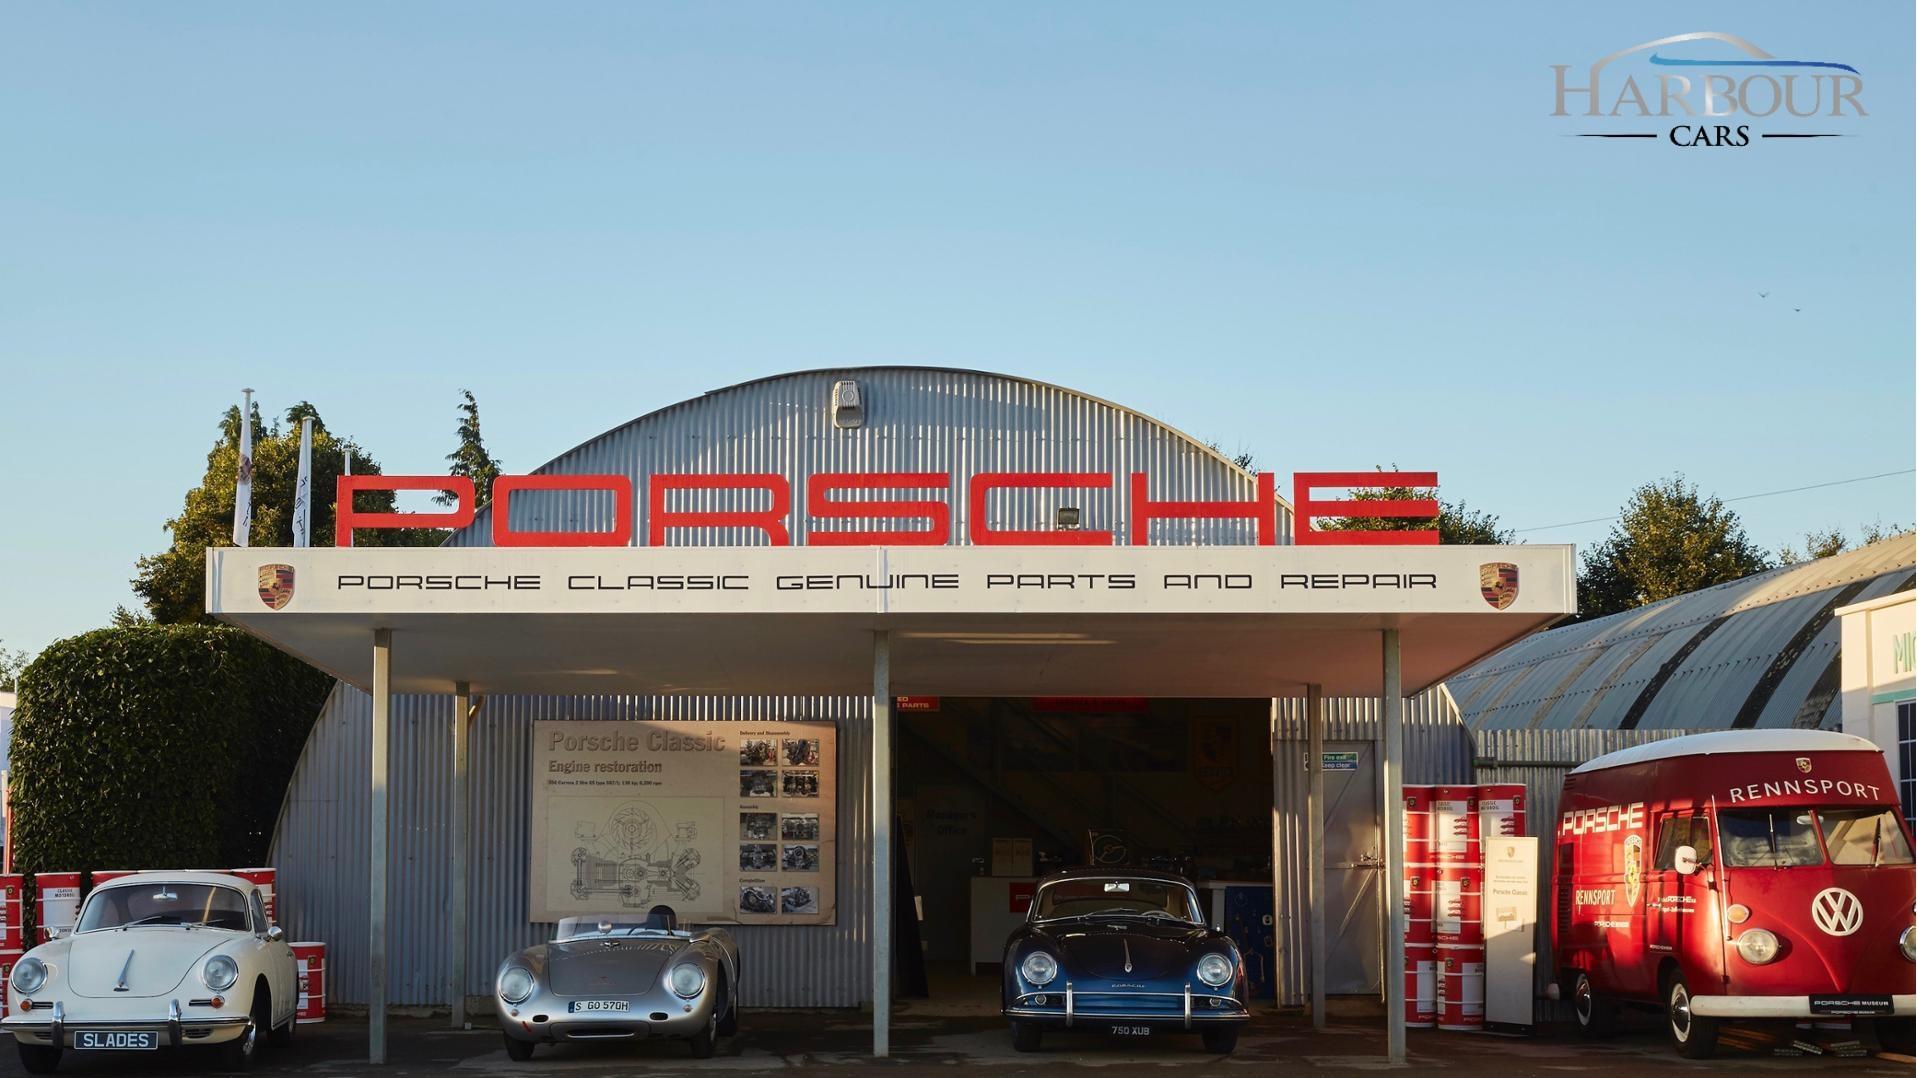 Porsche revivial